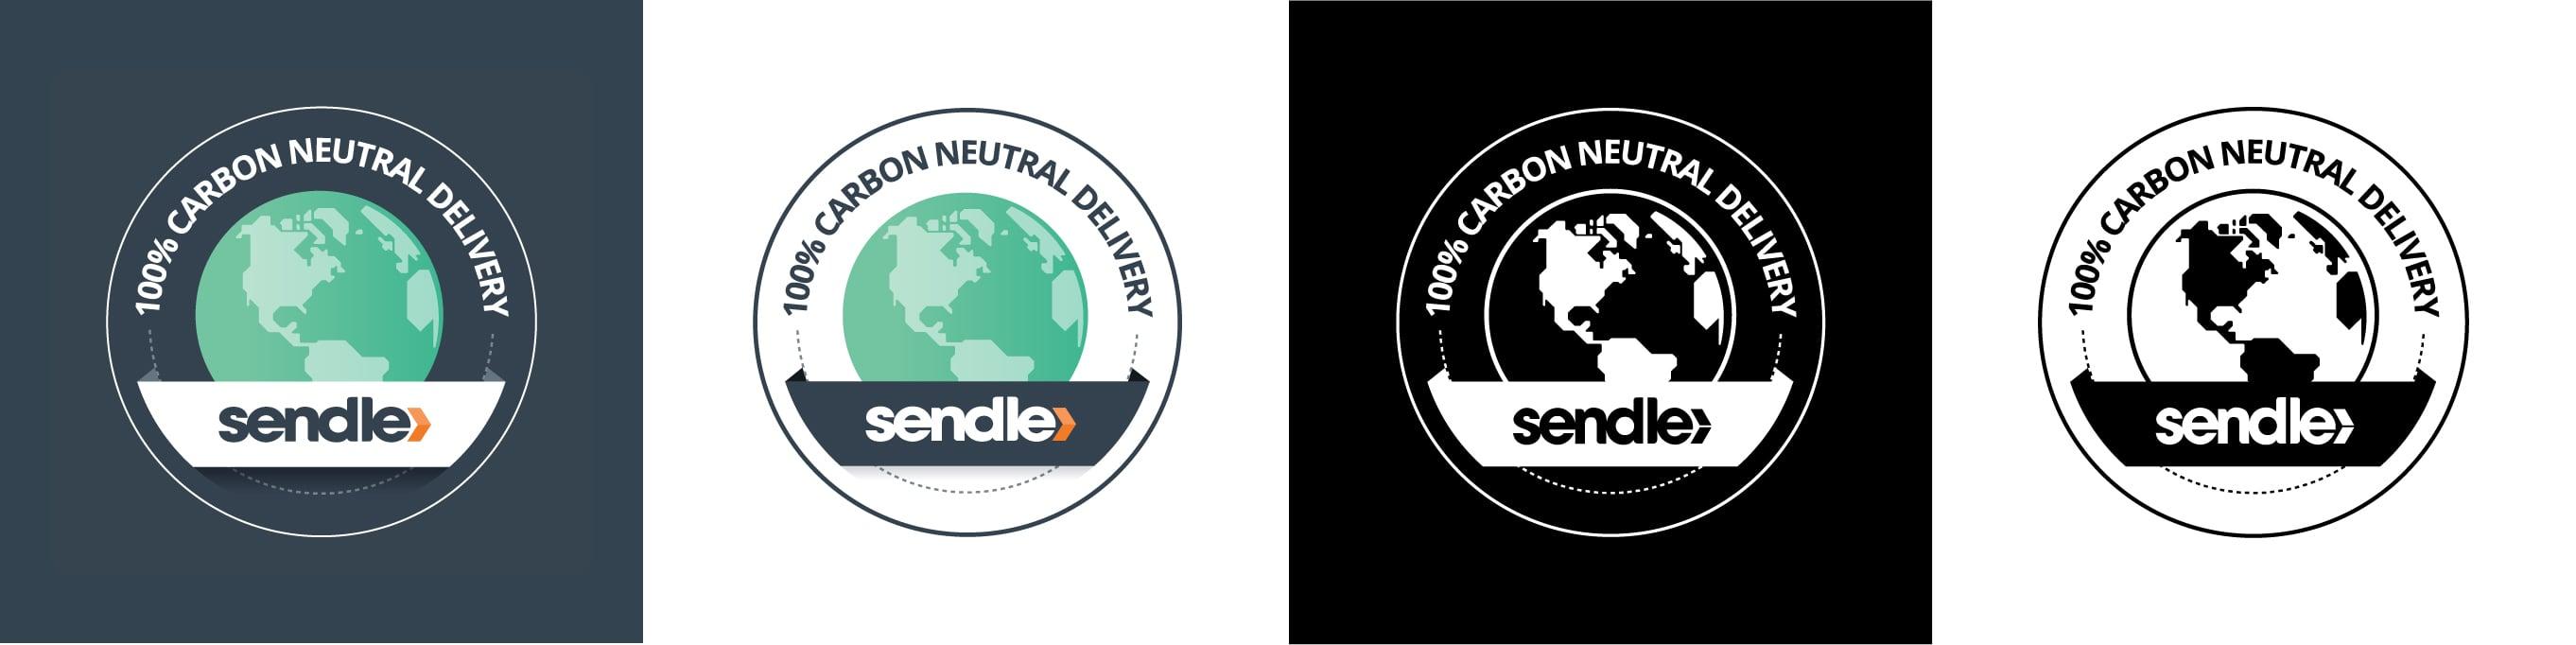 Sendle Carbon Neutral Delivery Badges